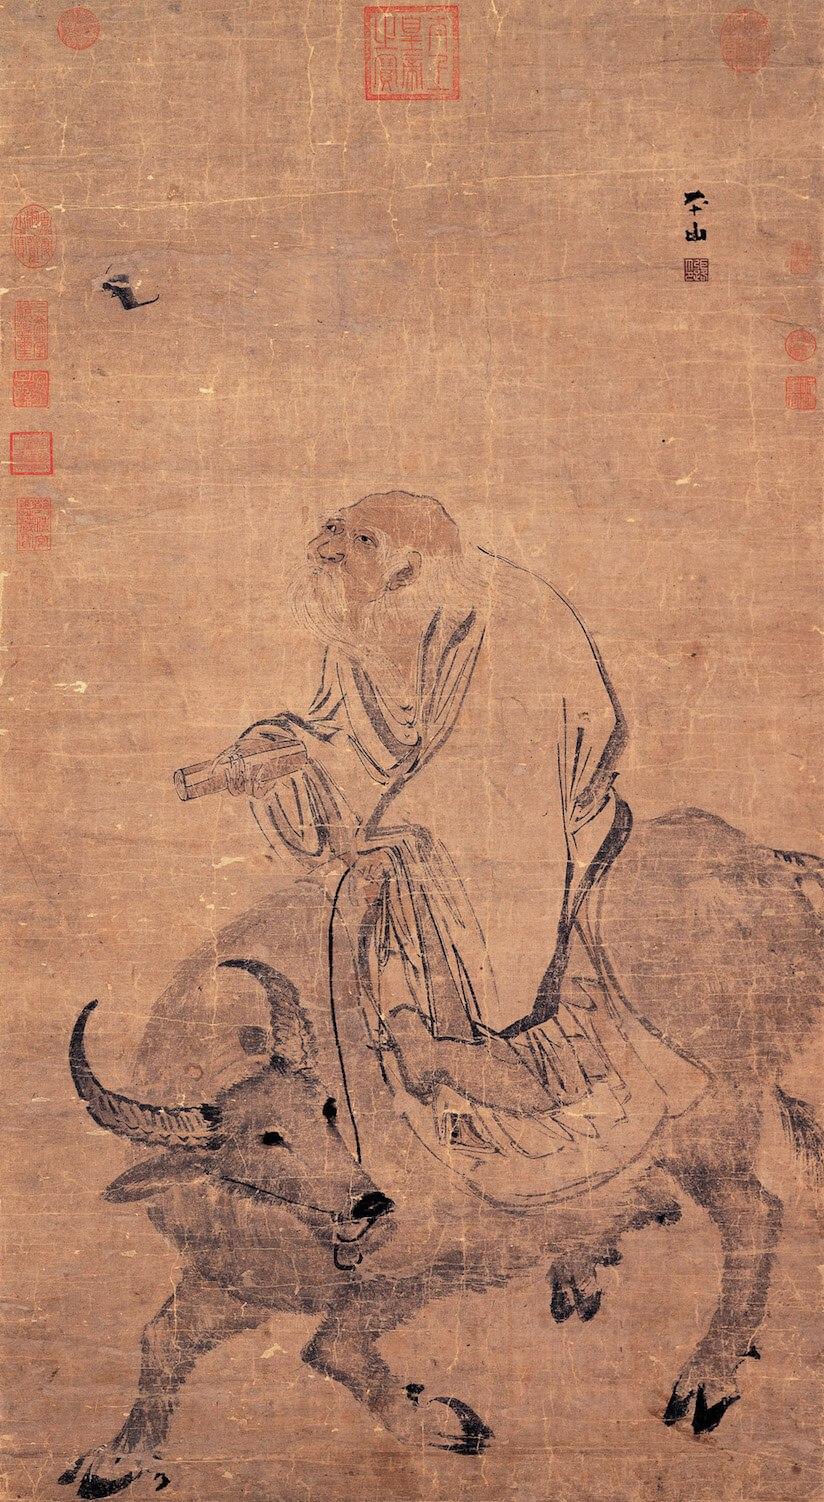 명나라 화가 장로(1464~1538)가 그린 '물소를 탄 노자'(老子騎牛圖). 노자는 물소를 타고 세상을 떠돌았다고 전해진다. 대만 국립고궁박물관 소장